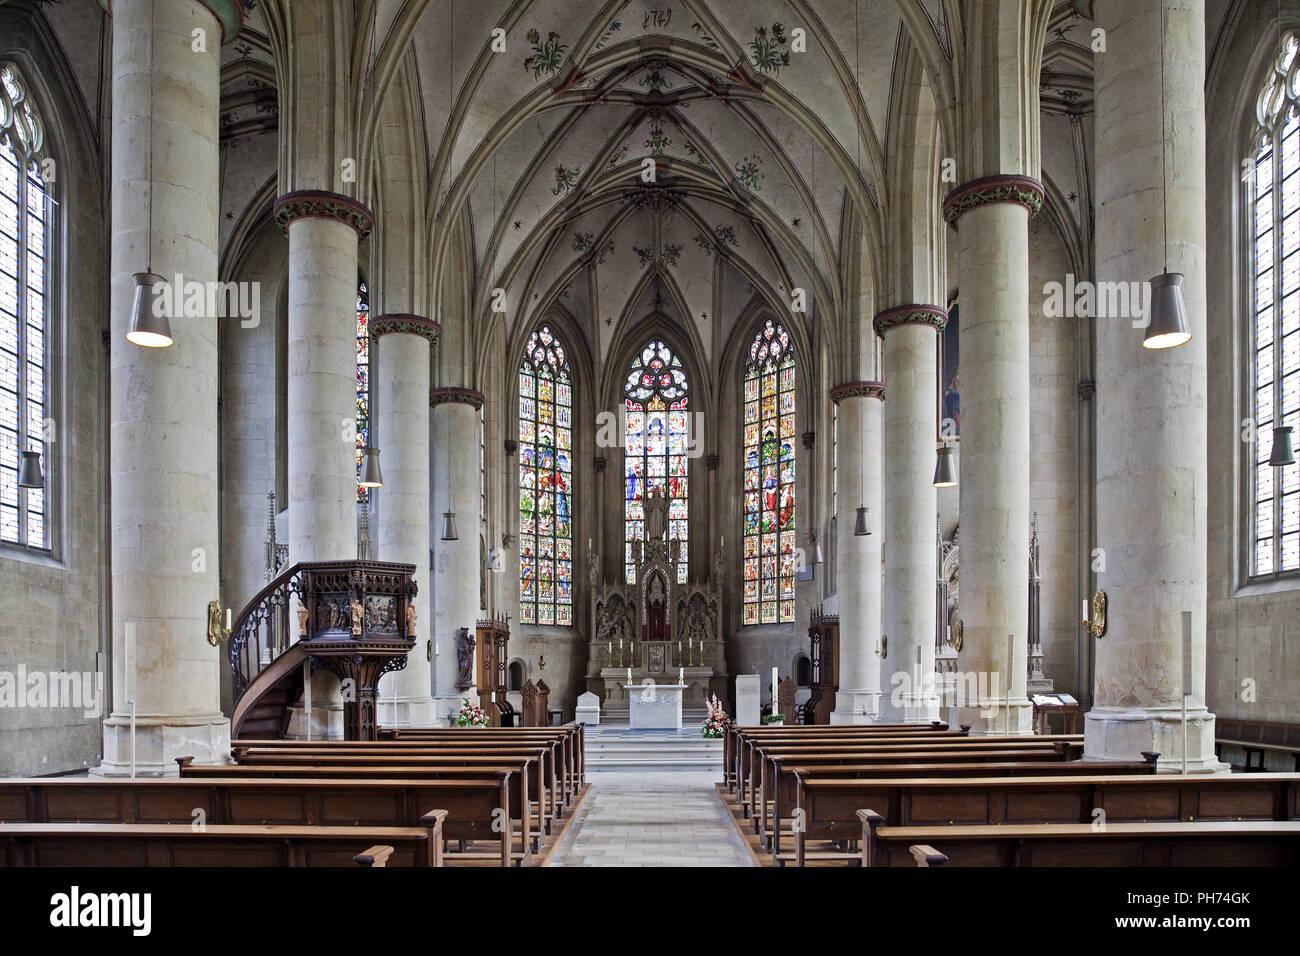 Intérieur, de l'église paroissiale, Magdeburg, Allemagne Photo Stock